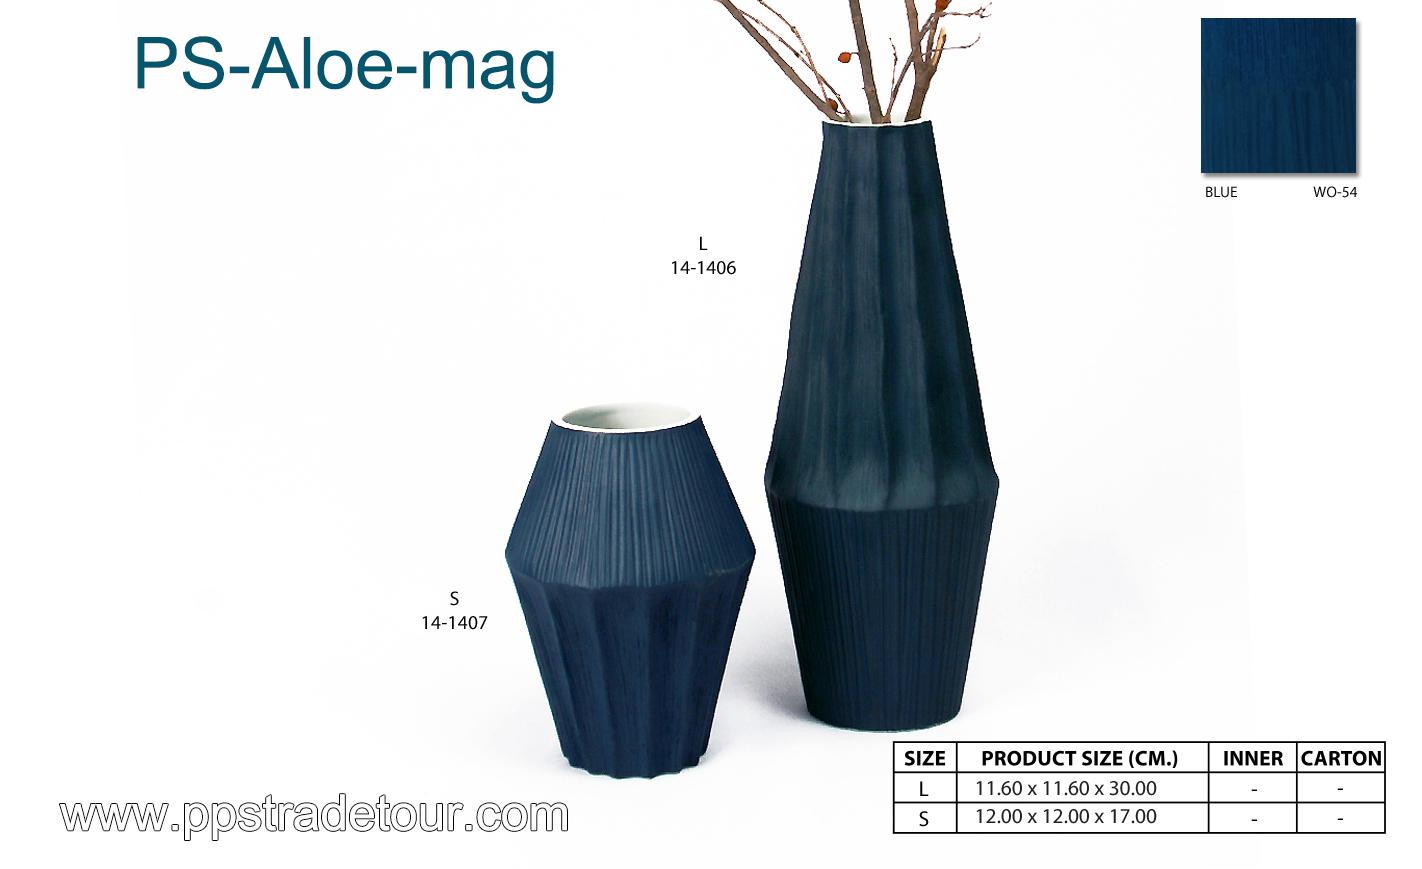 PSCV-Aloe-mag-wo-54